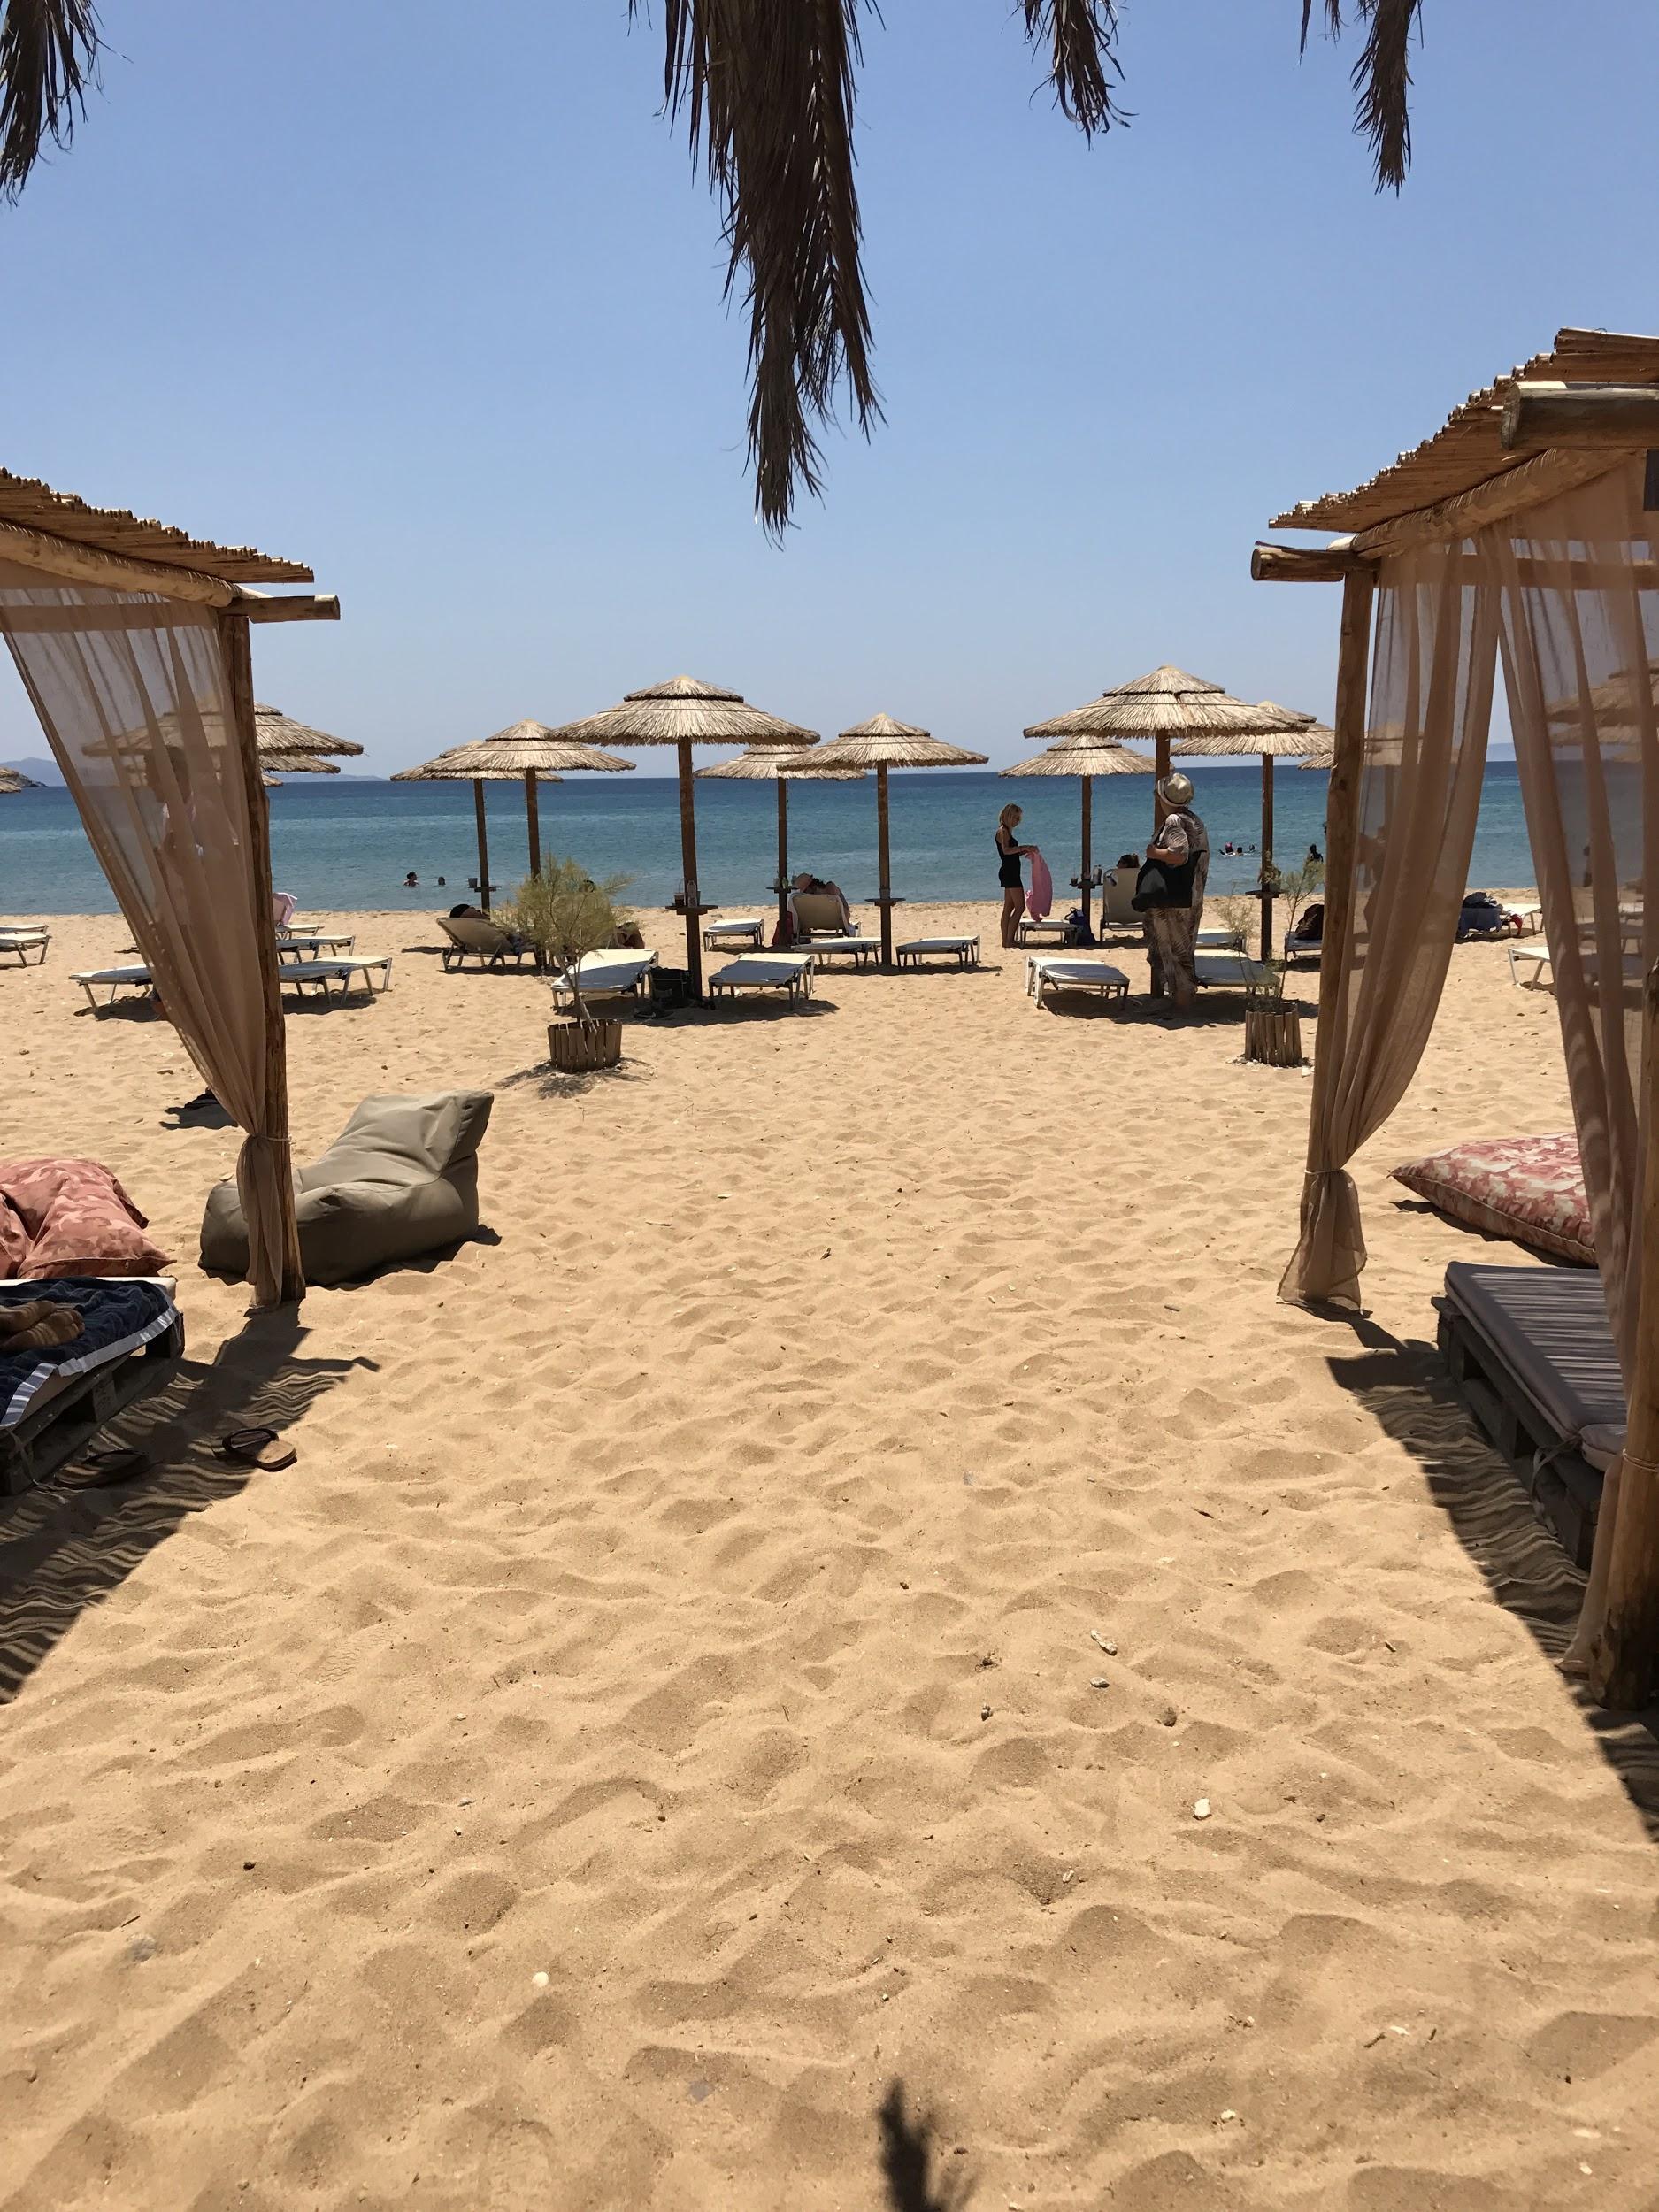 Αν πάλι θες να ανέβεις γραφικά σκαλοπάτια μέχρι να συναντήσεις μια υπέροχη κυκλαδίτικη εκκλησία, να βγάλεις καμια φώτο και στο καπάκι να κατέβεις ένα ολάνθιστο μονοπάτι που θα σε οδηγήσει σε μια ονειρεμένη παραλία με ένα μικρό αλλα πολύ όμορφο beach bar, τα Πίσω Γυάλια είναι μονόδρομος!